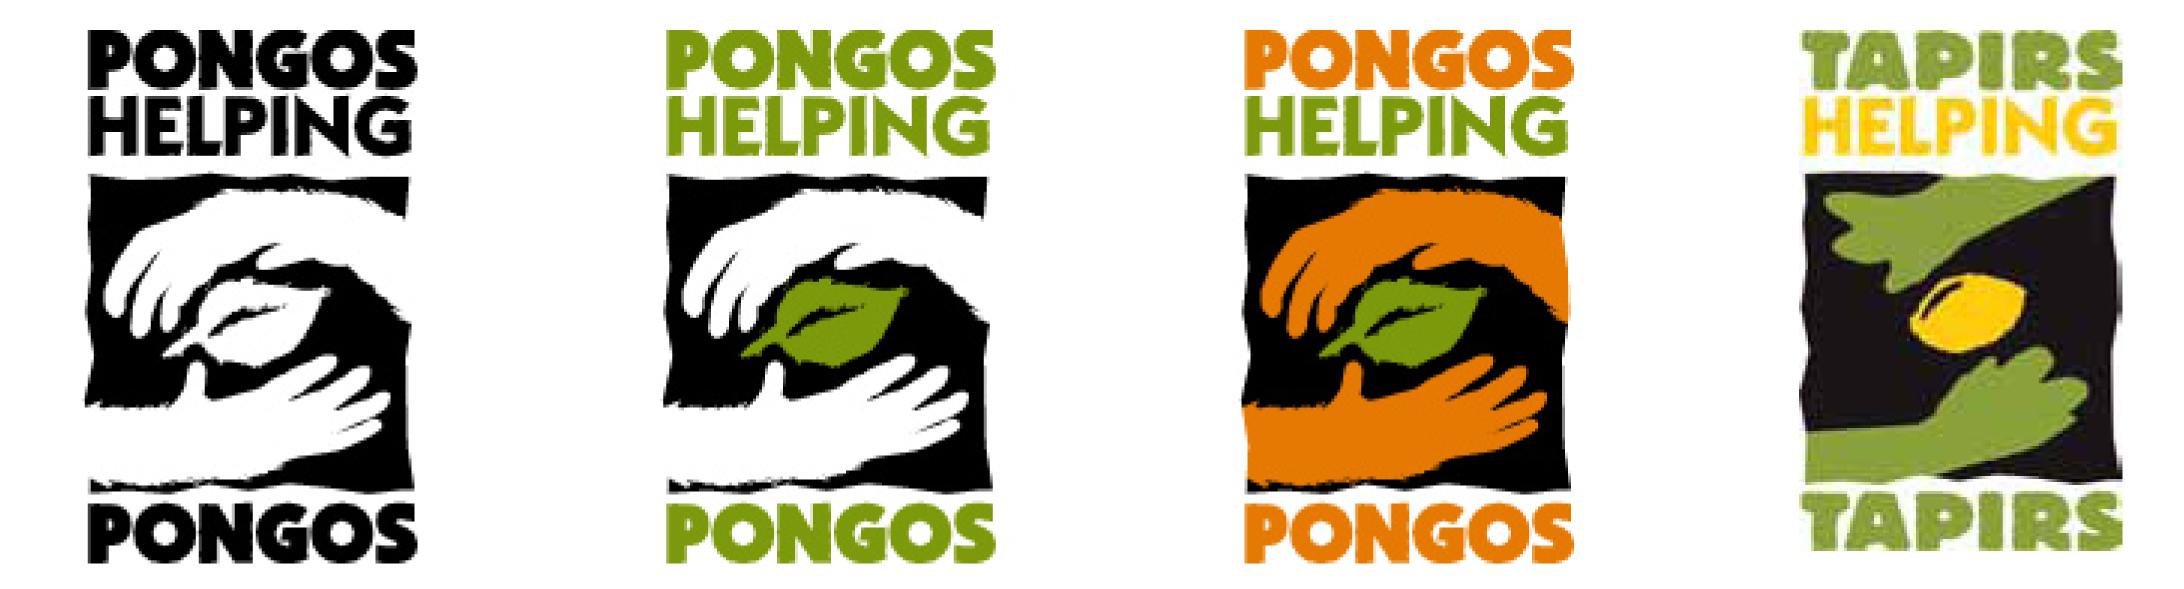 miniport Pongos-Tapirs.jpg